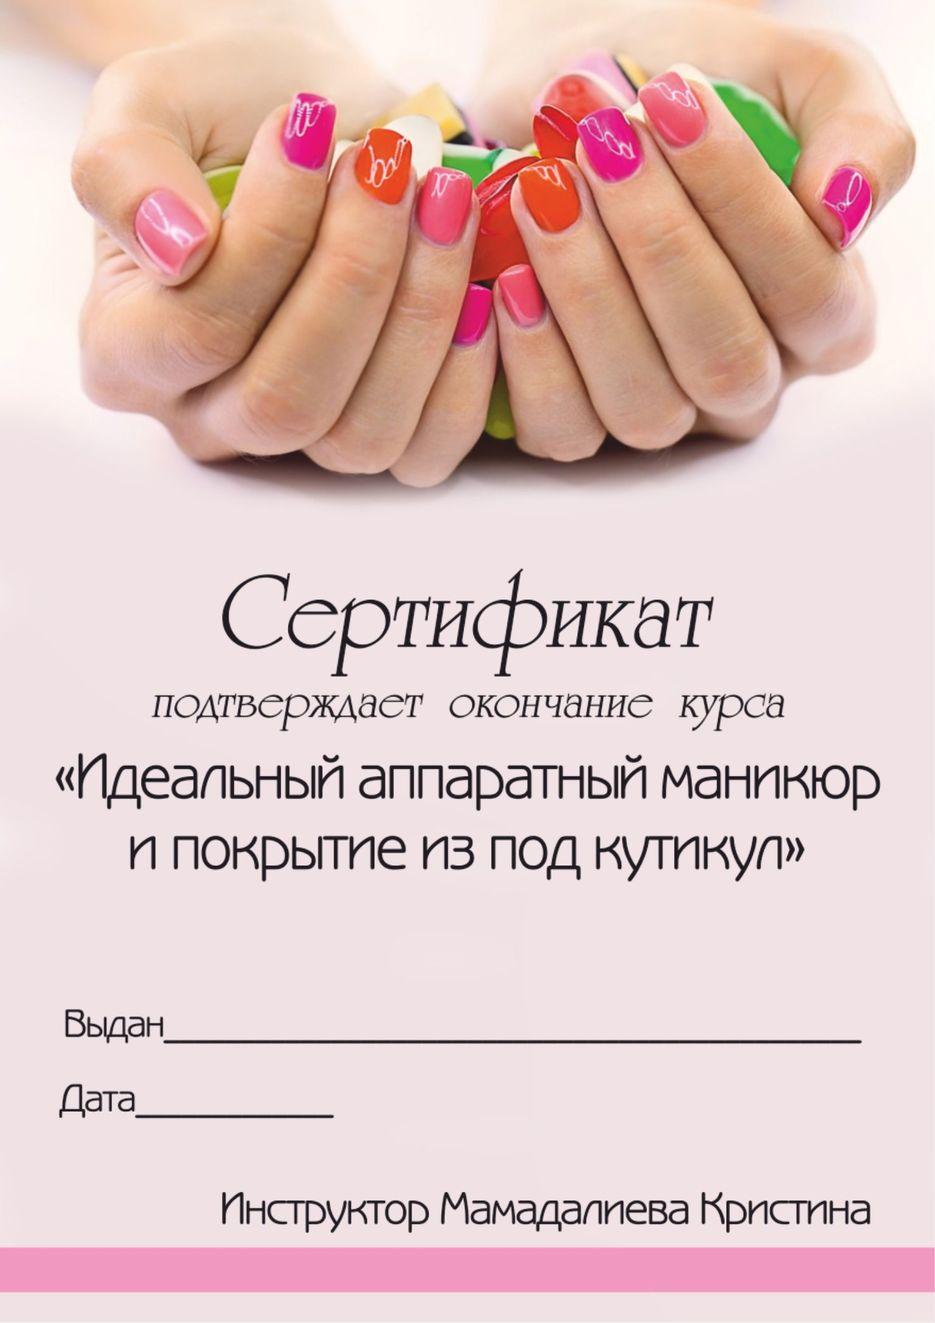 сертификат ногти фото заметная возвышенность округи